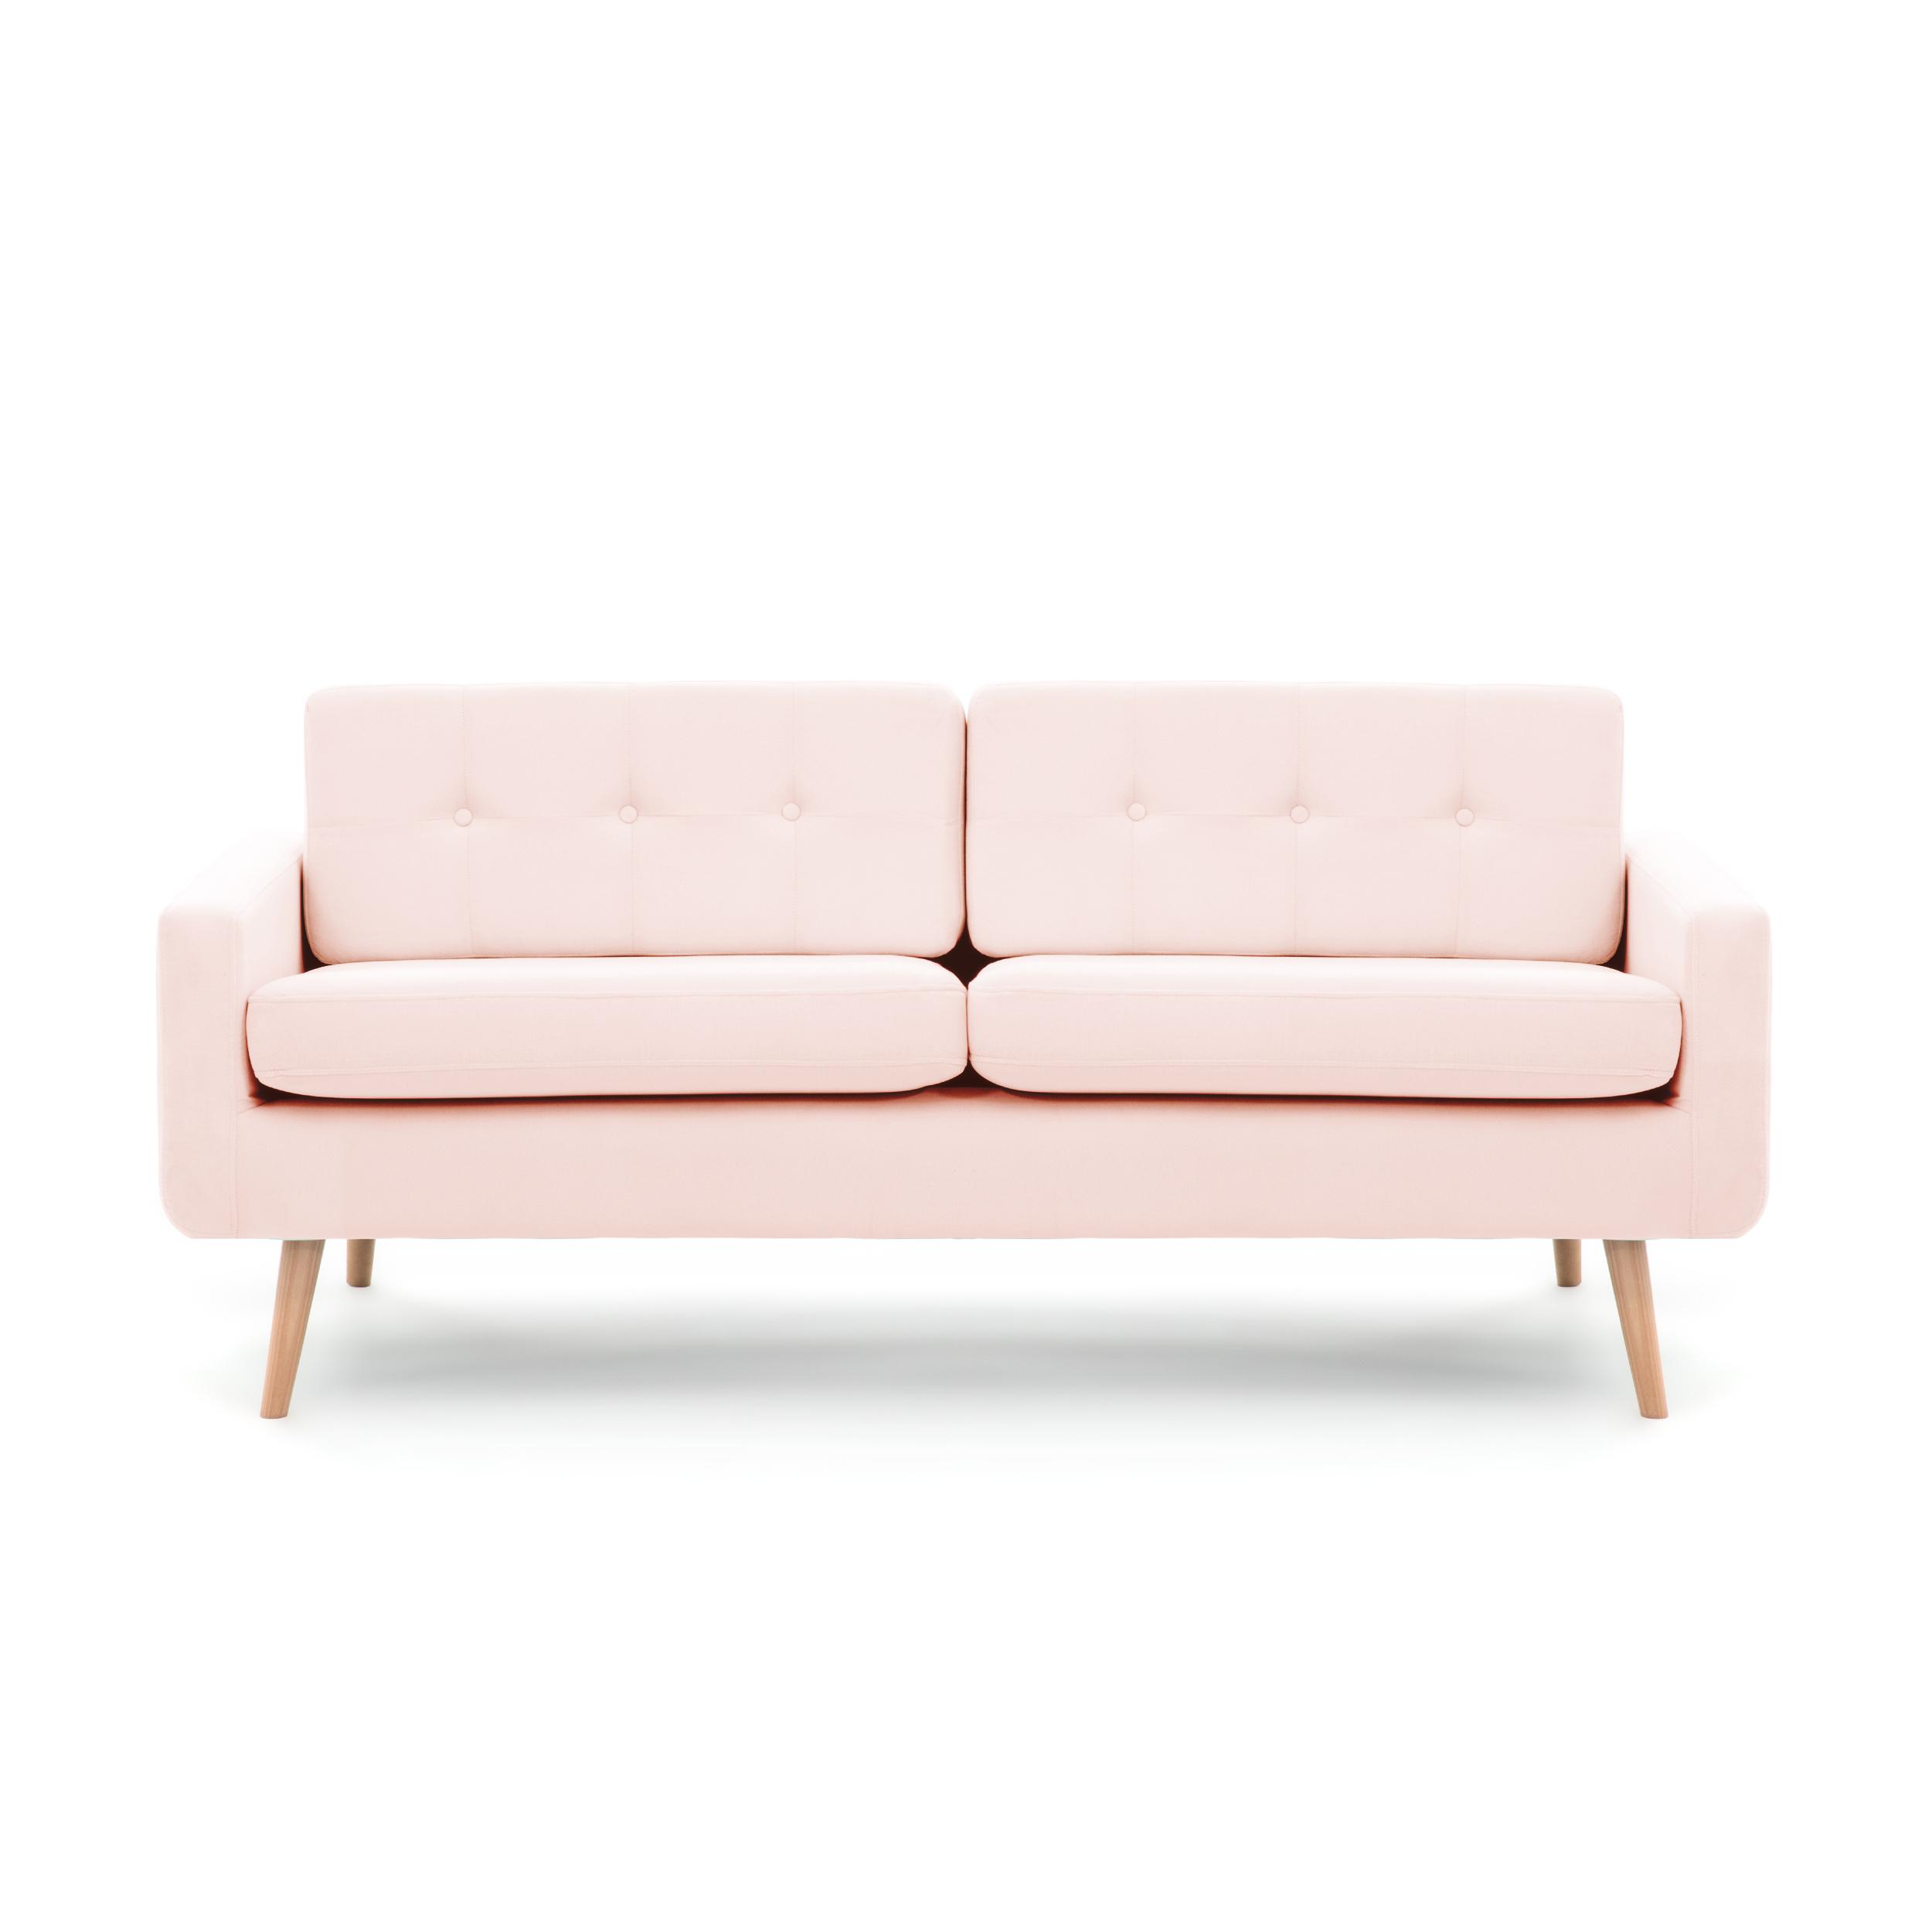 Canapea Fixa 3 locuri Ina Pastel Pink